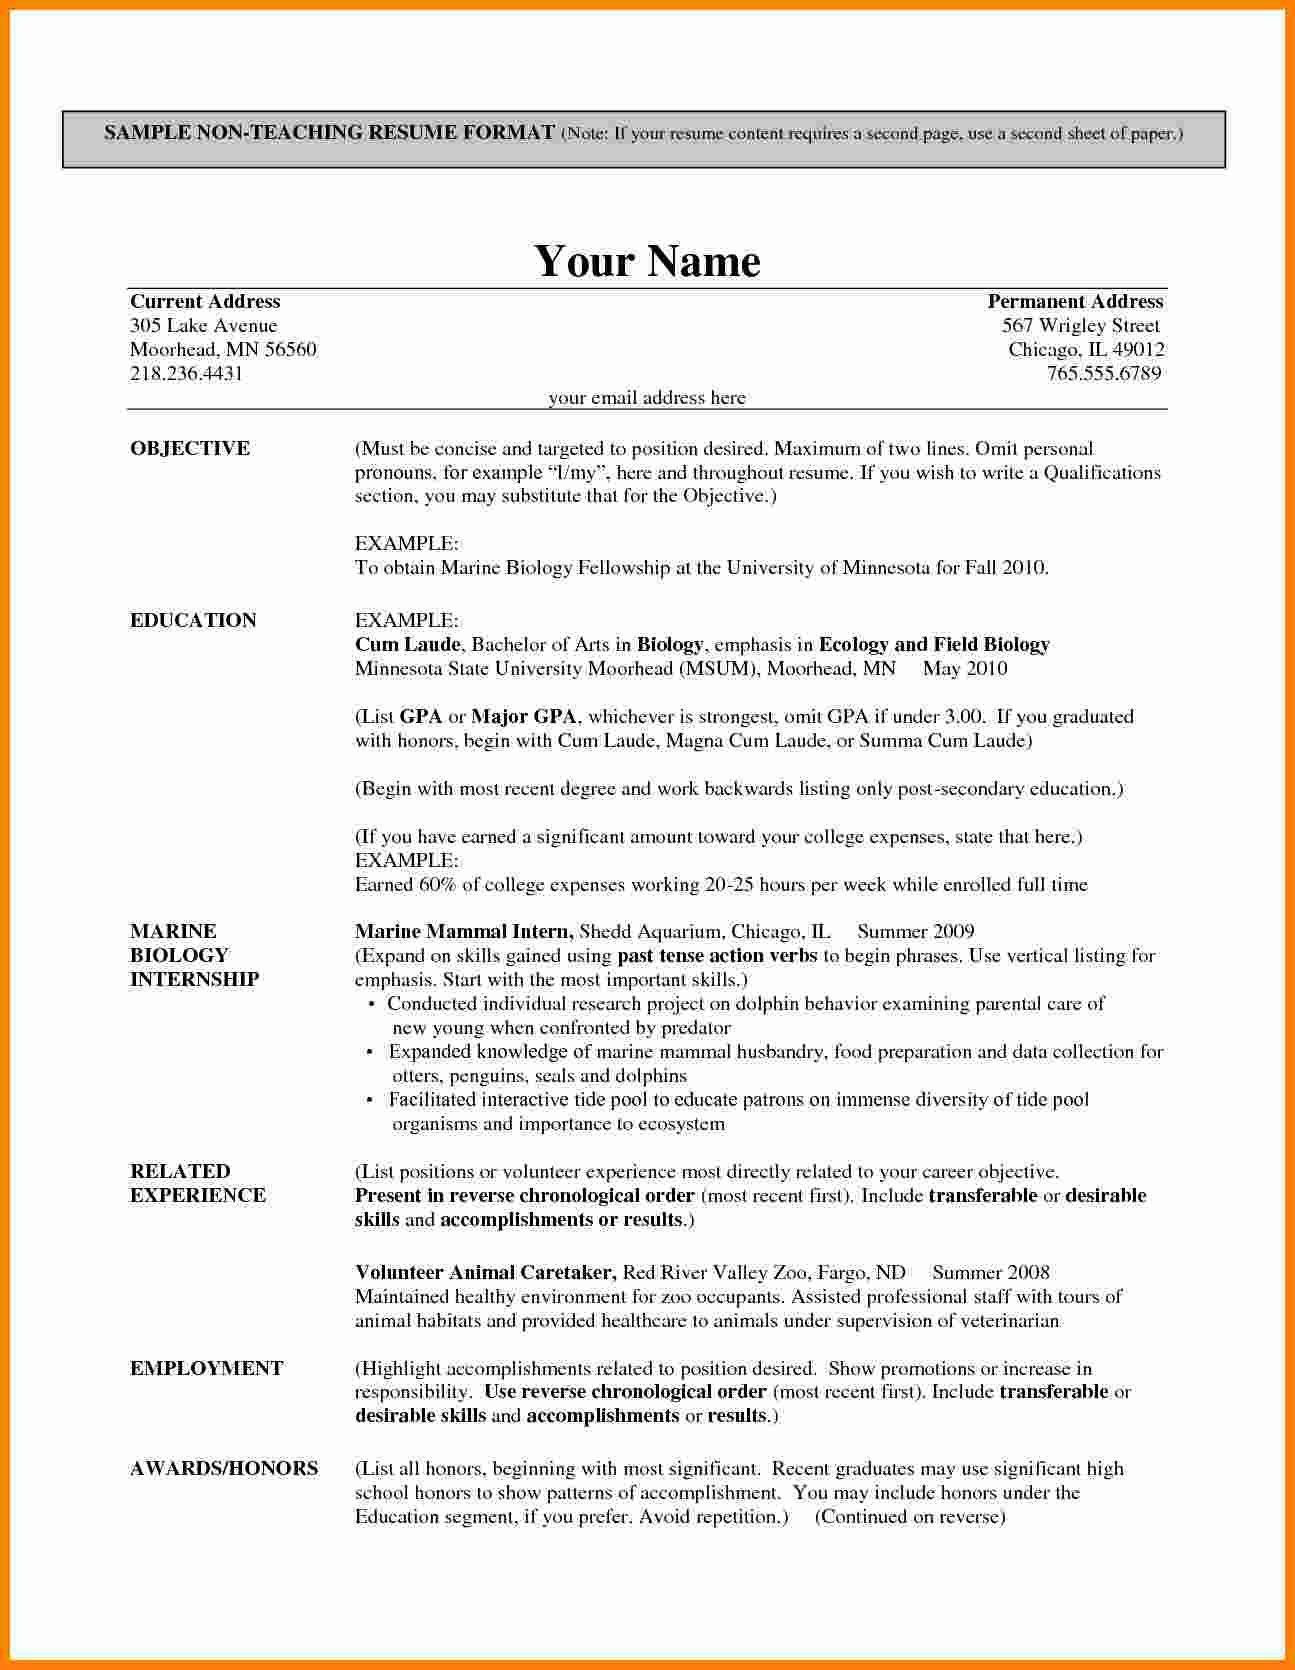 002 Shocking Resume Example For Teacher Job Picture  Sample Cv SchoolFull